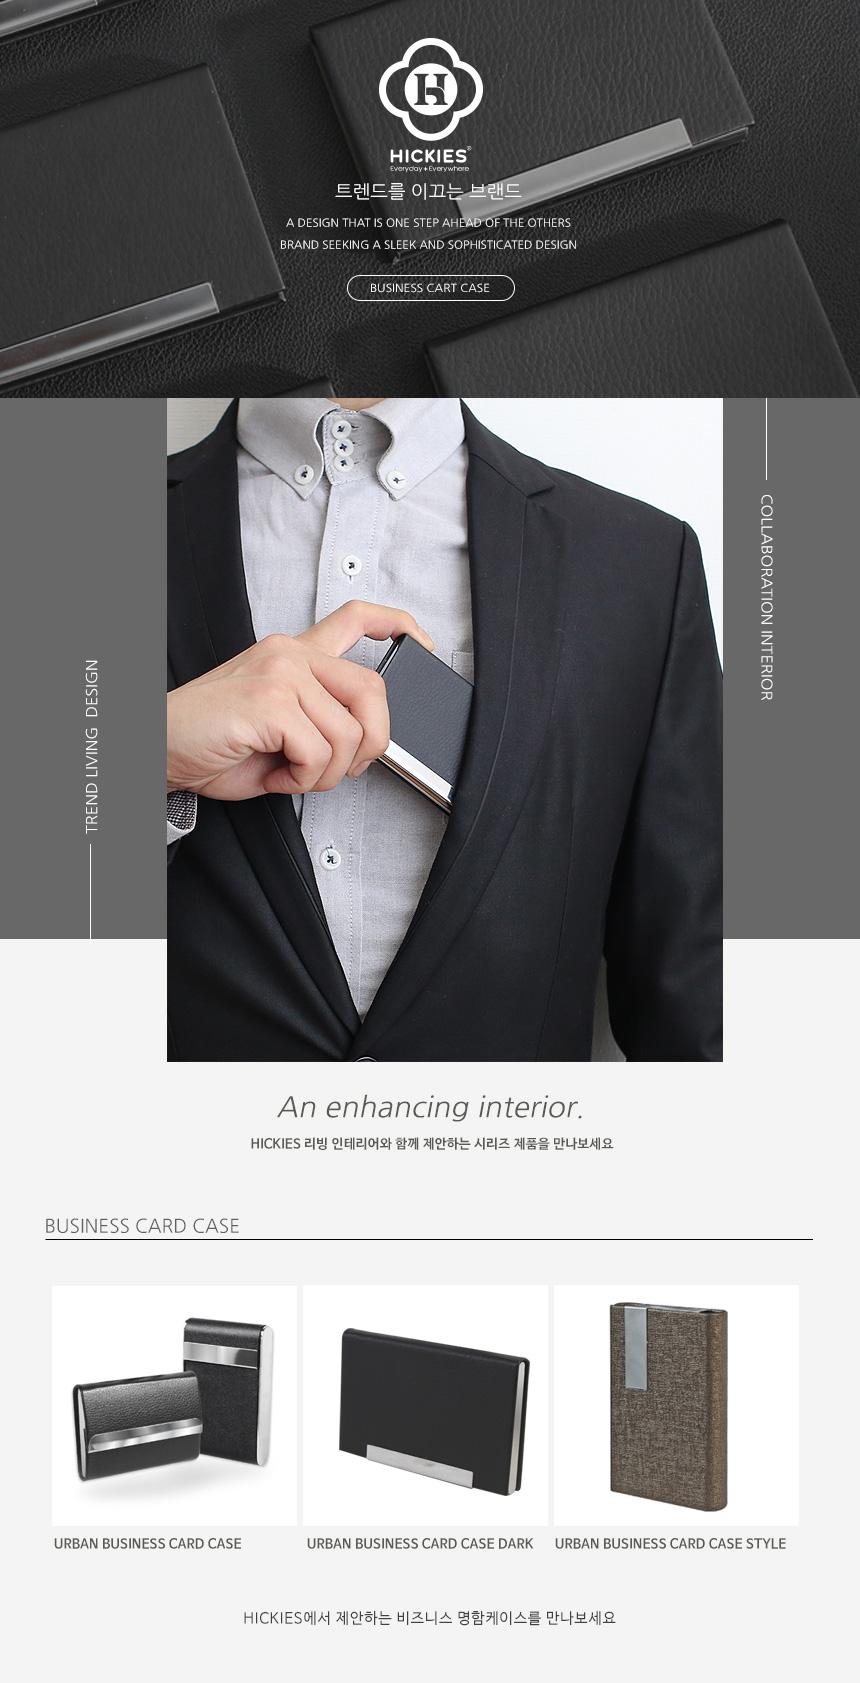 비지니스 오피스 어반모던 카드 명함케이스 First9,900원-히키스디자인문구, 개인소품, 명함지갑/케이스, 명함케이스세트바보사랑비지니스 오피스 어반모던 카드 명함케이스 First9,900원-히키스디자인문구, 개인소품, 명함지갑/케이스, 명함케이스세트바보사랑